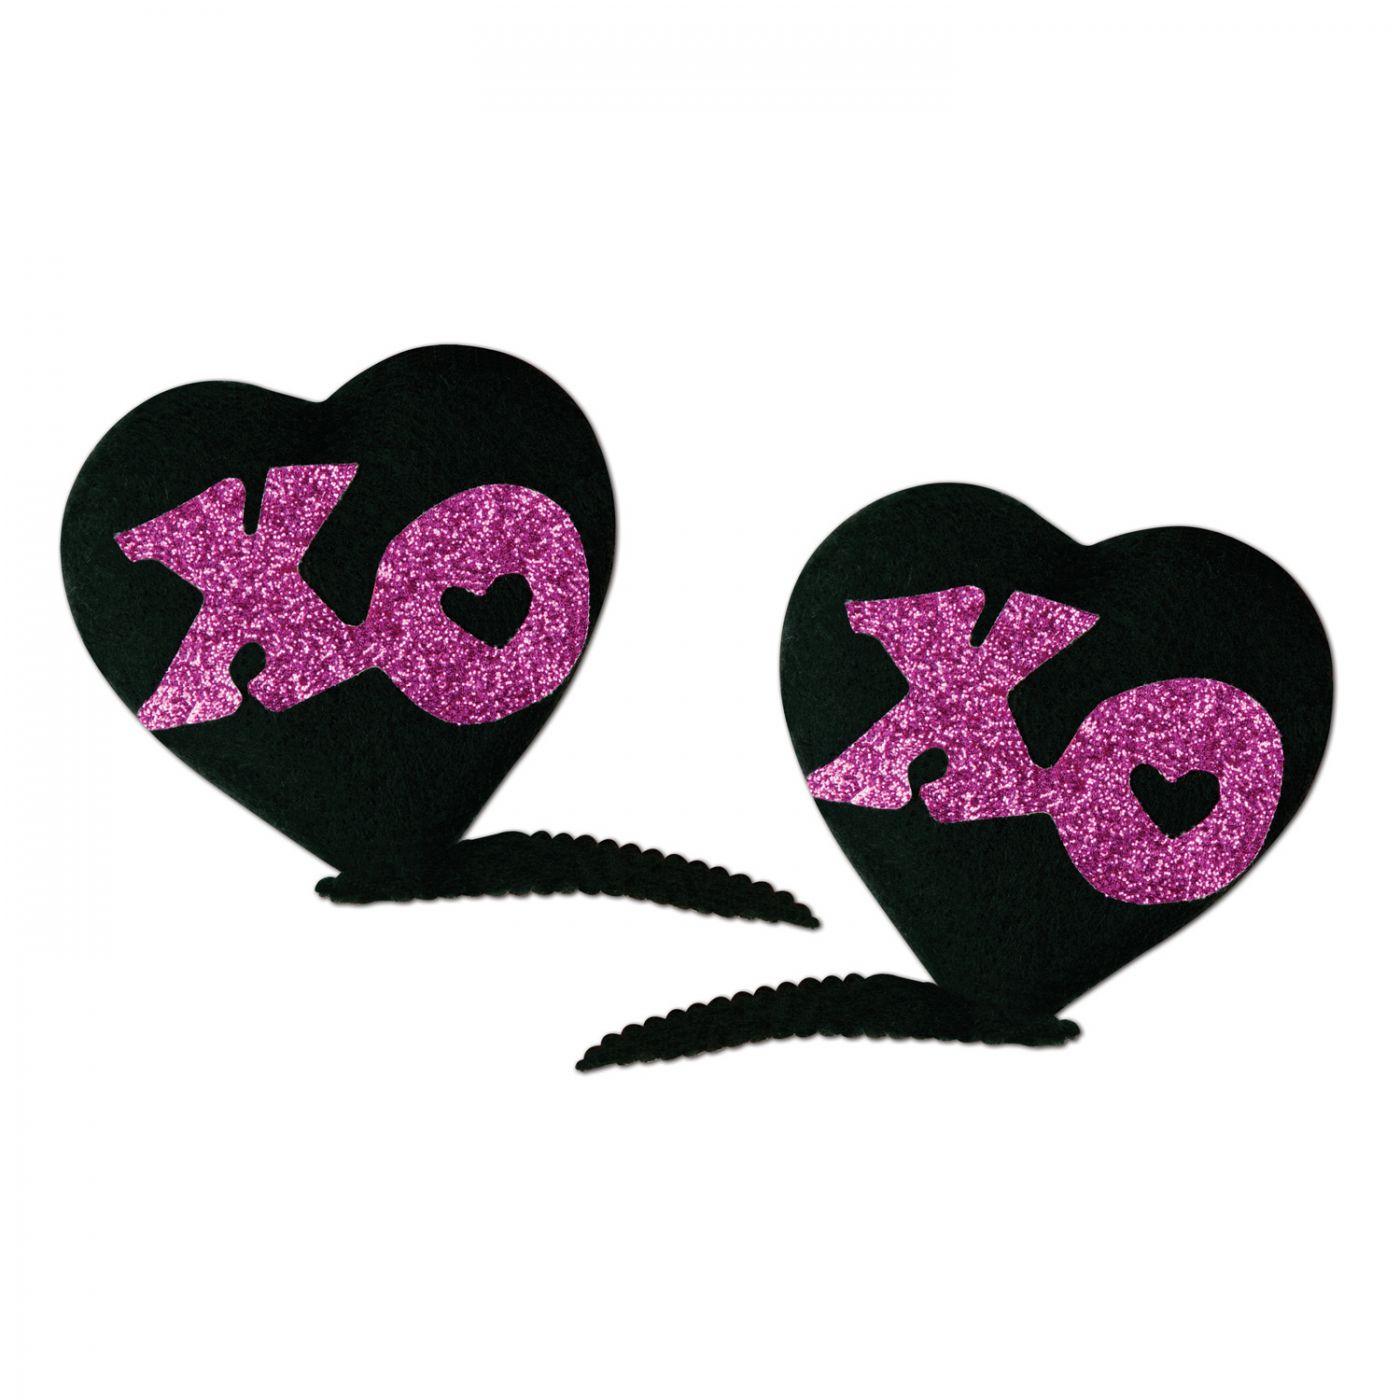 XOXO Hair Clips image